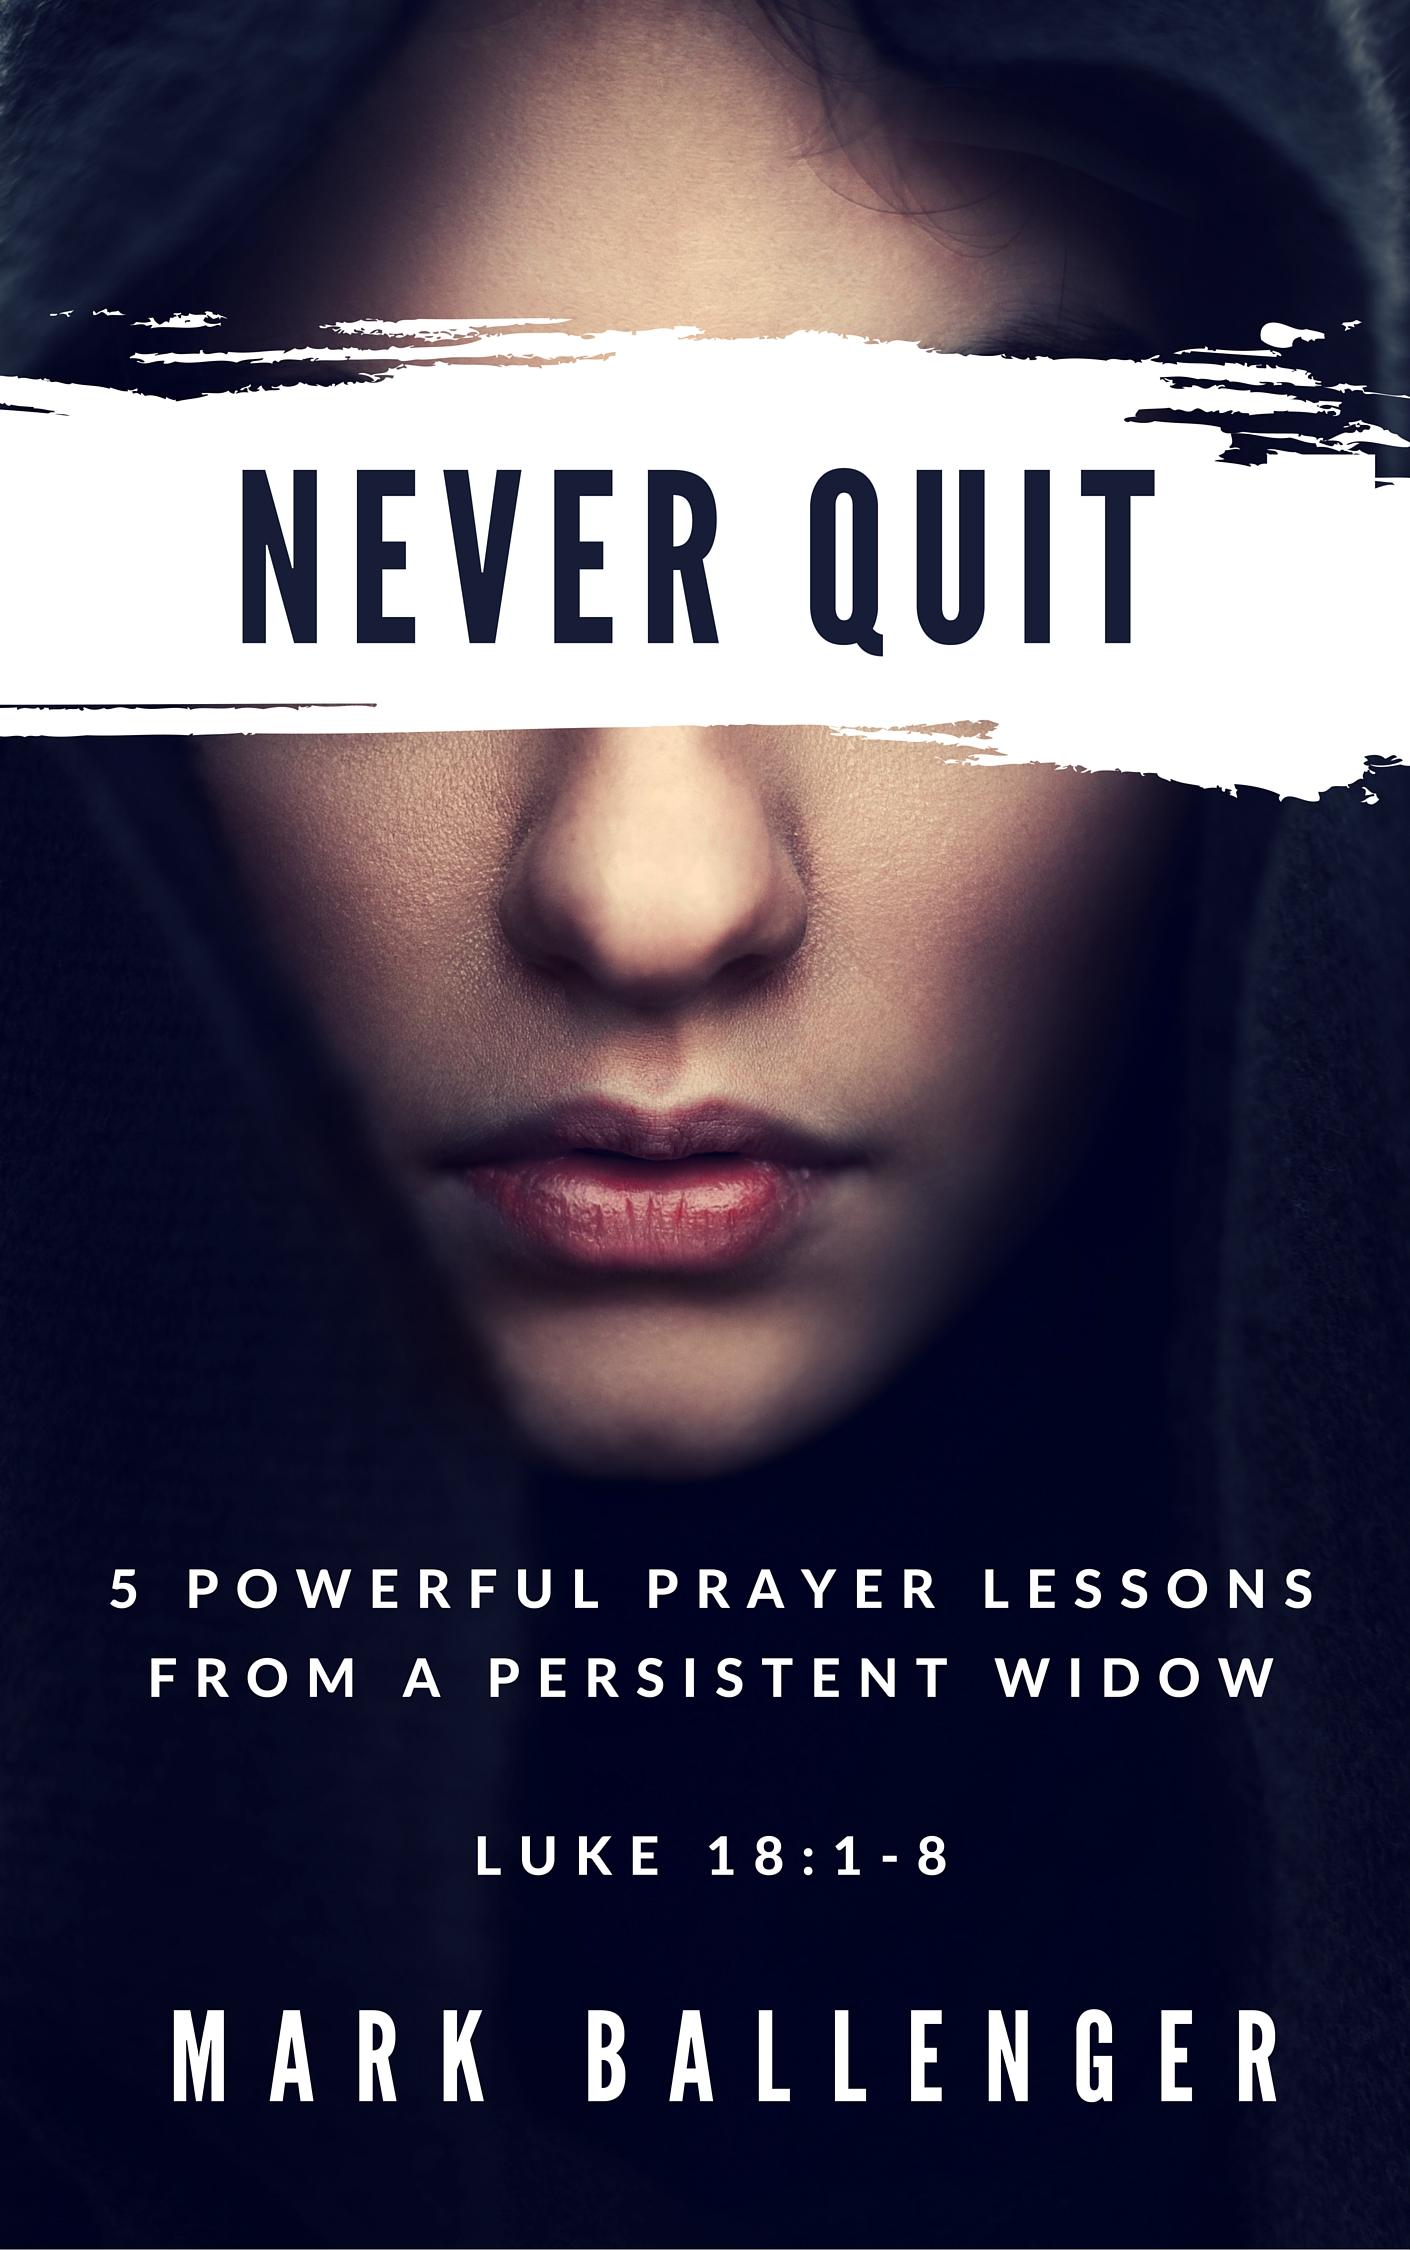 Never Quit by mark ballenger luke 18:1-8